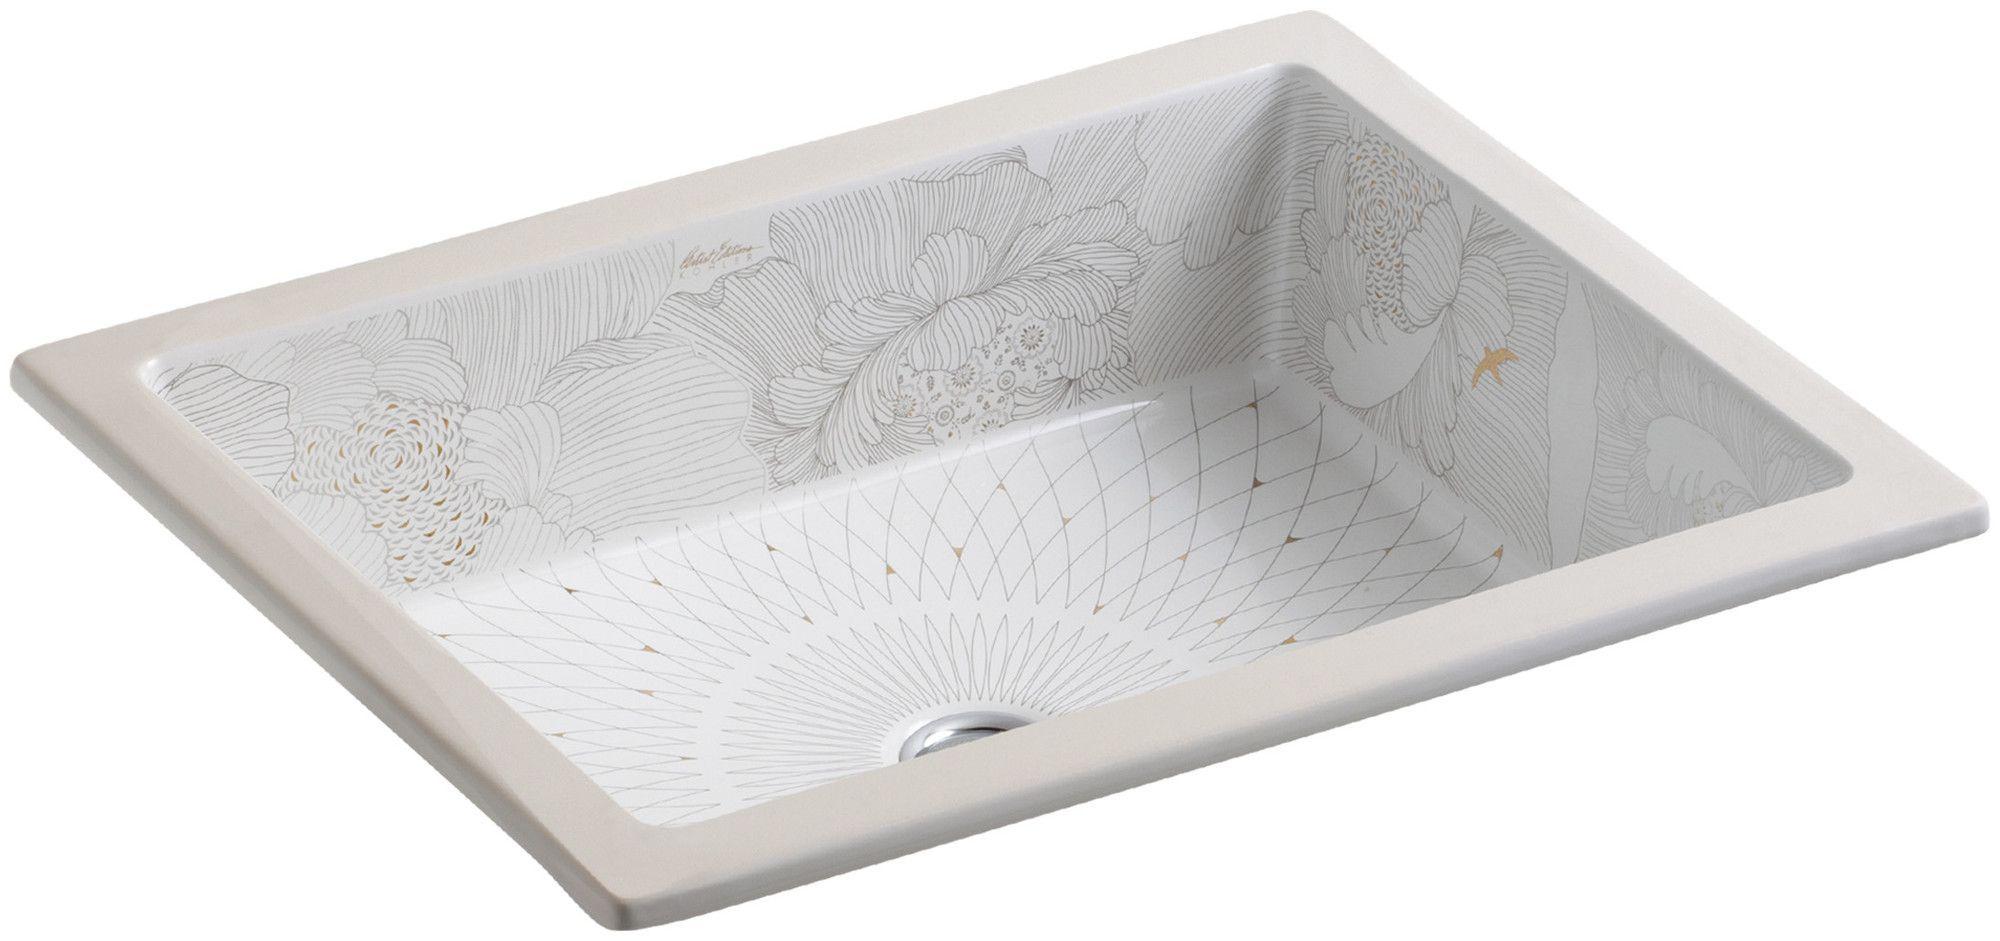 Verticylтў Rectangular Undermount Bathroom Sink K-2882-0 empress bouquet design on kathryn undermount bathroom sink